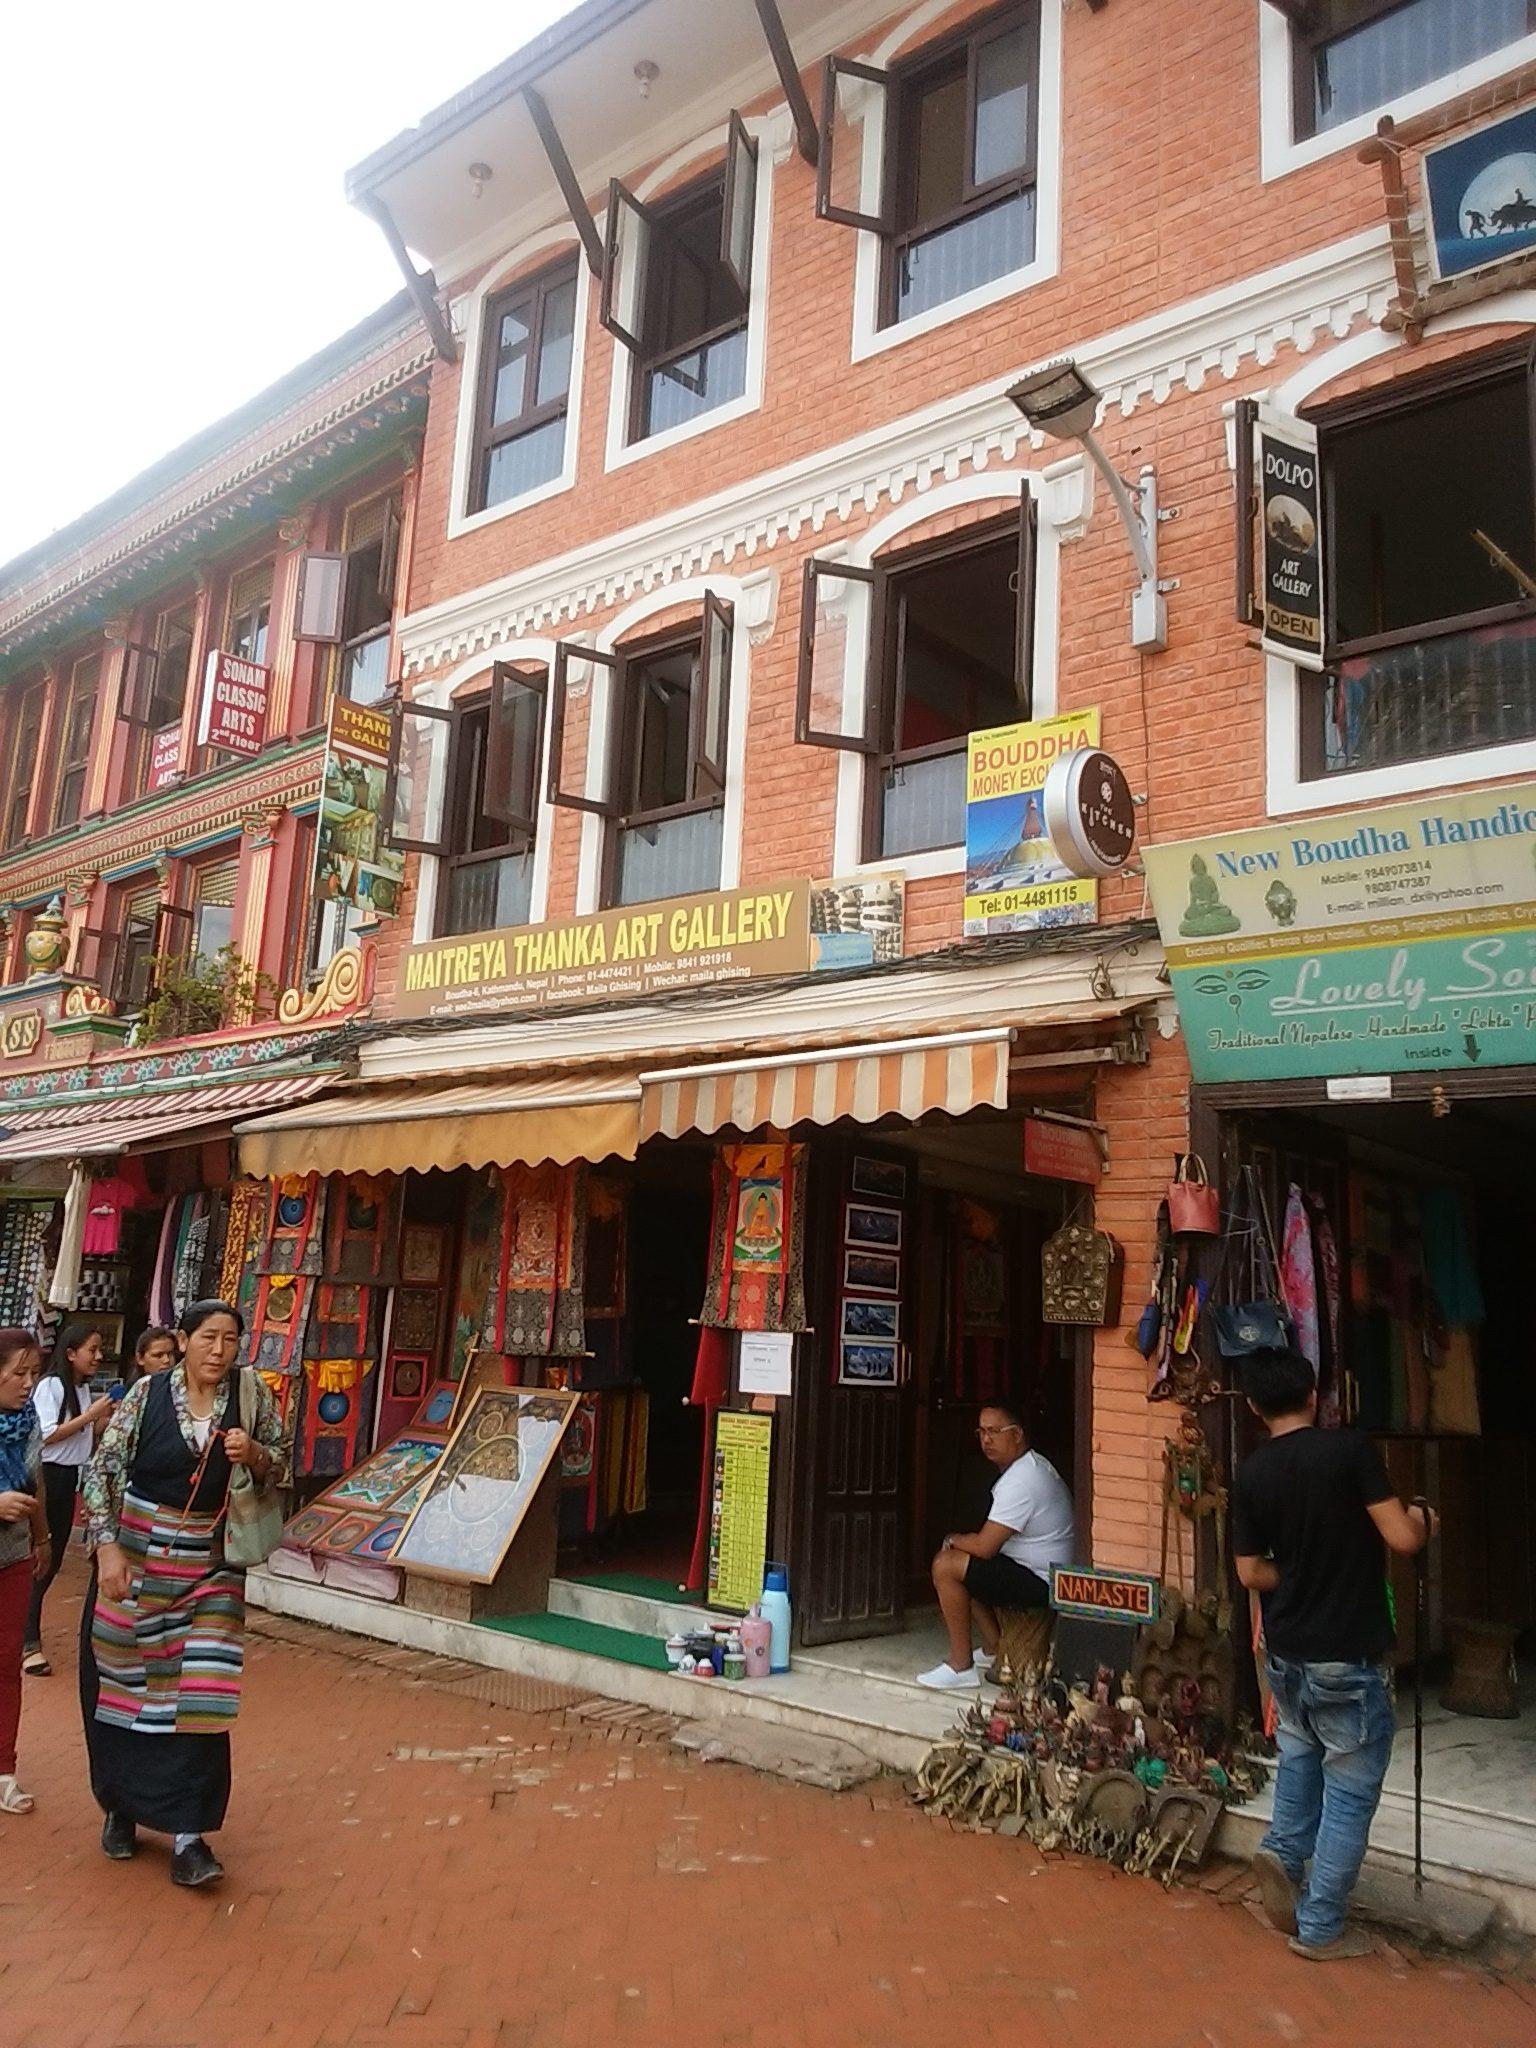 ネパールで3か月間チベット仏画タンカを学ぶ!『タンカ絵師マイラ氏との出会い』